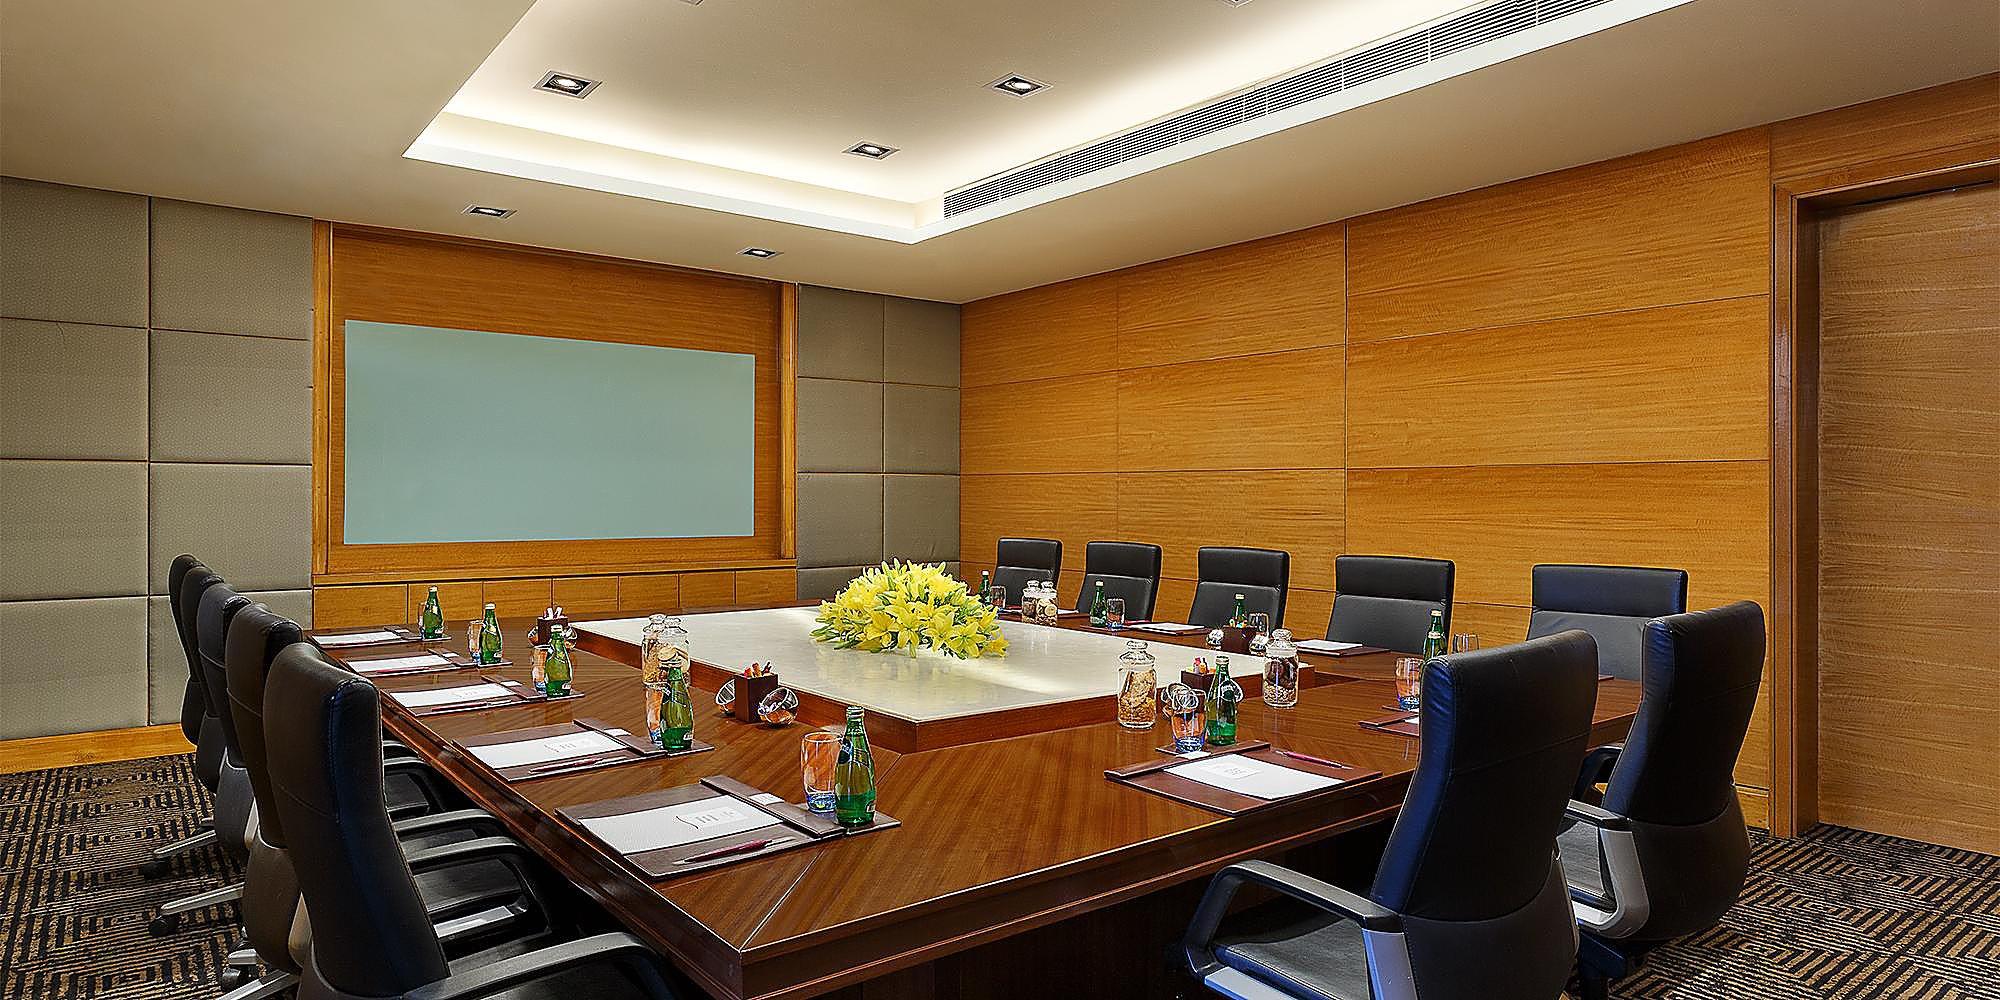 Crowne Plaza Gurgaon - Gurgaon, India Hotel | IHG